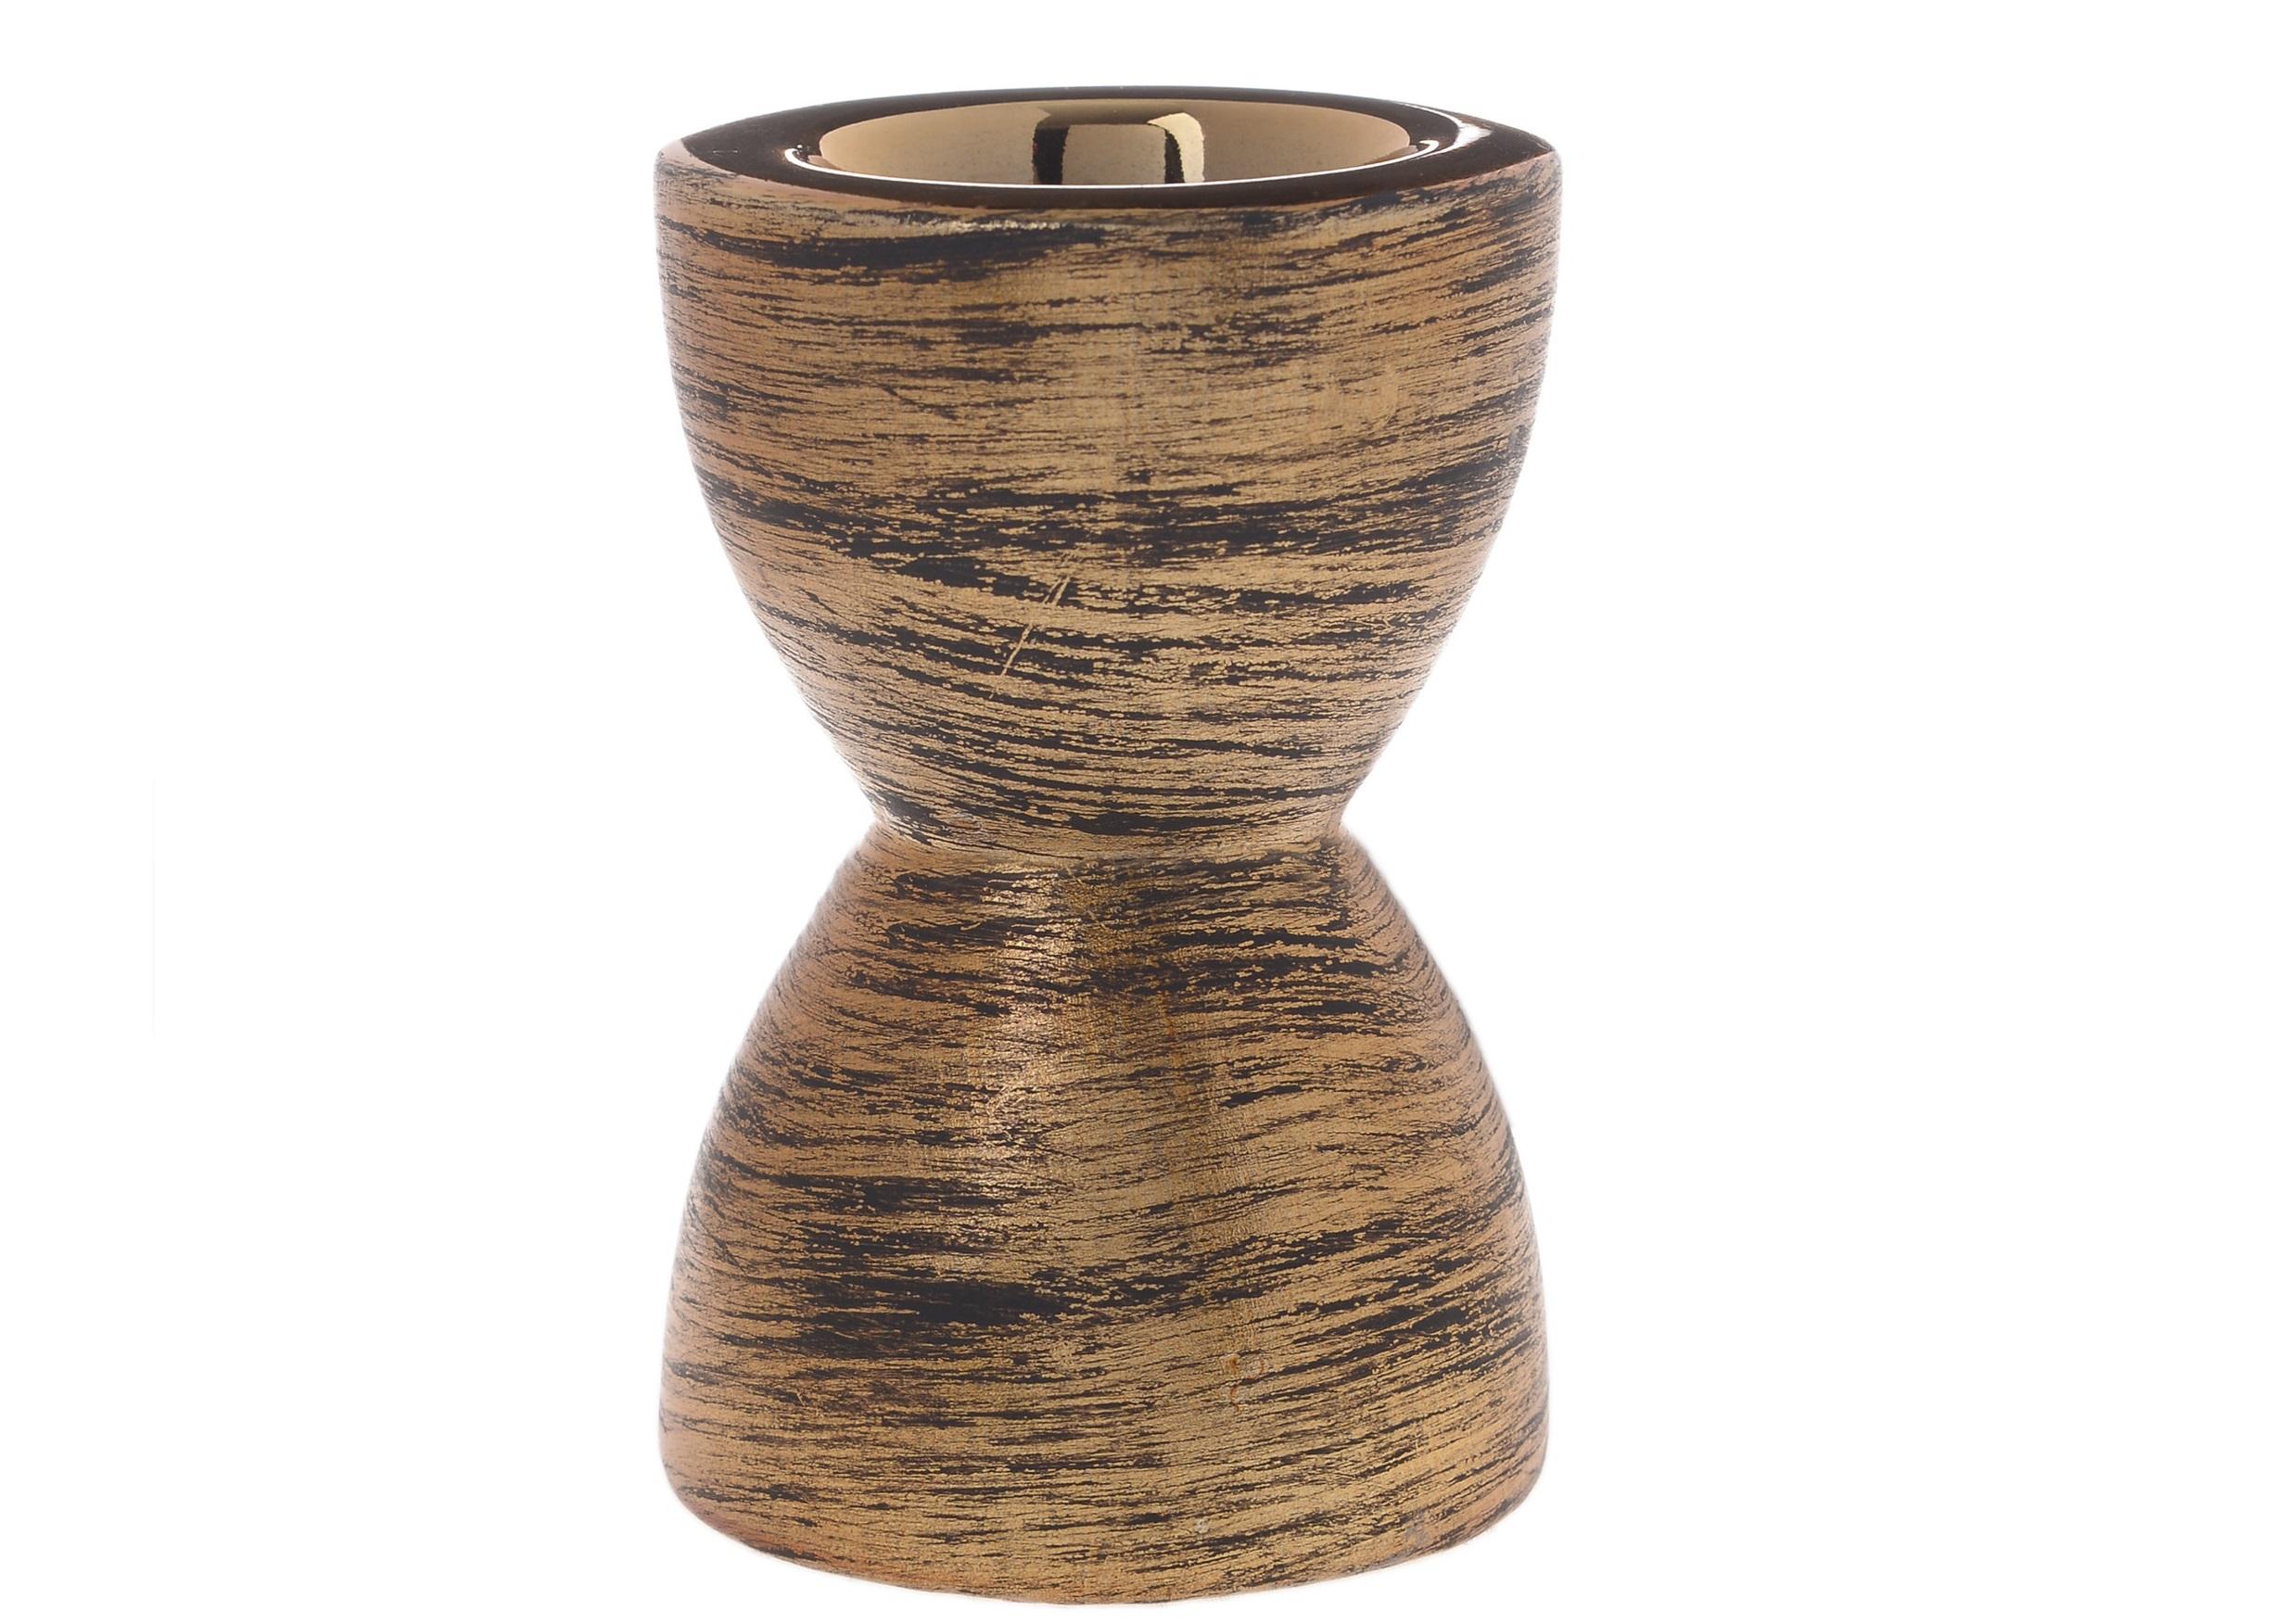 Подсвечник KintolПодсвечники<br><br><br>Material: Керамика<br>Ширина см: 8.0<br>Высота см: 11.0<br>Глубина см: 8.0